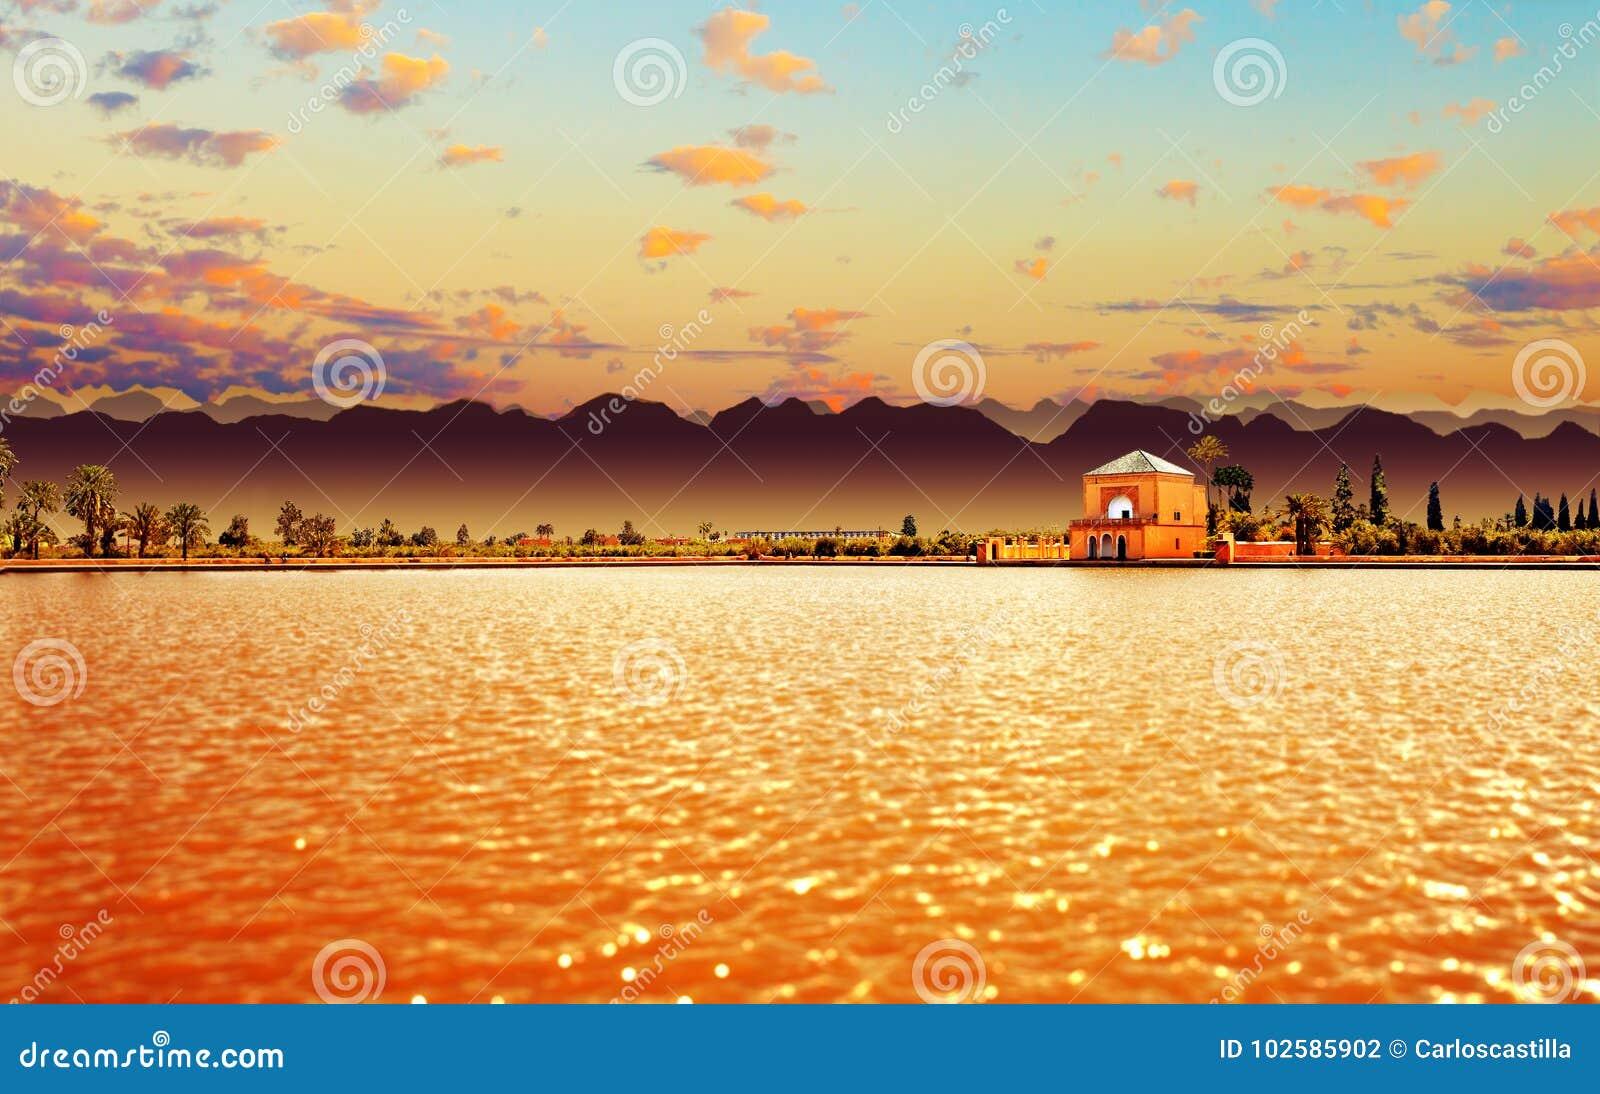 风景Menara庭院 旅行向摩洛哥 马拉喀什